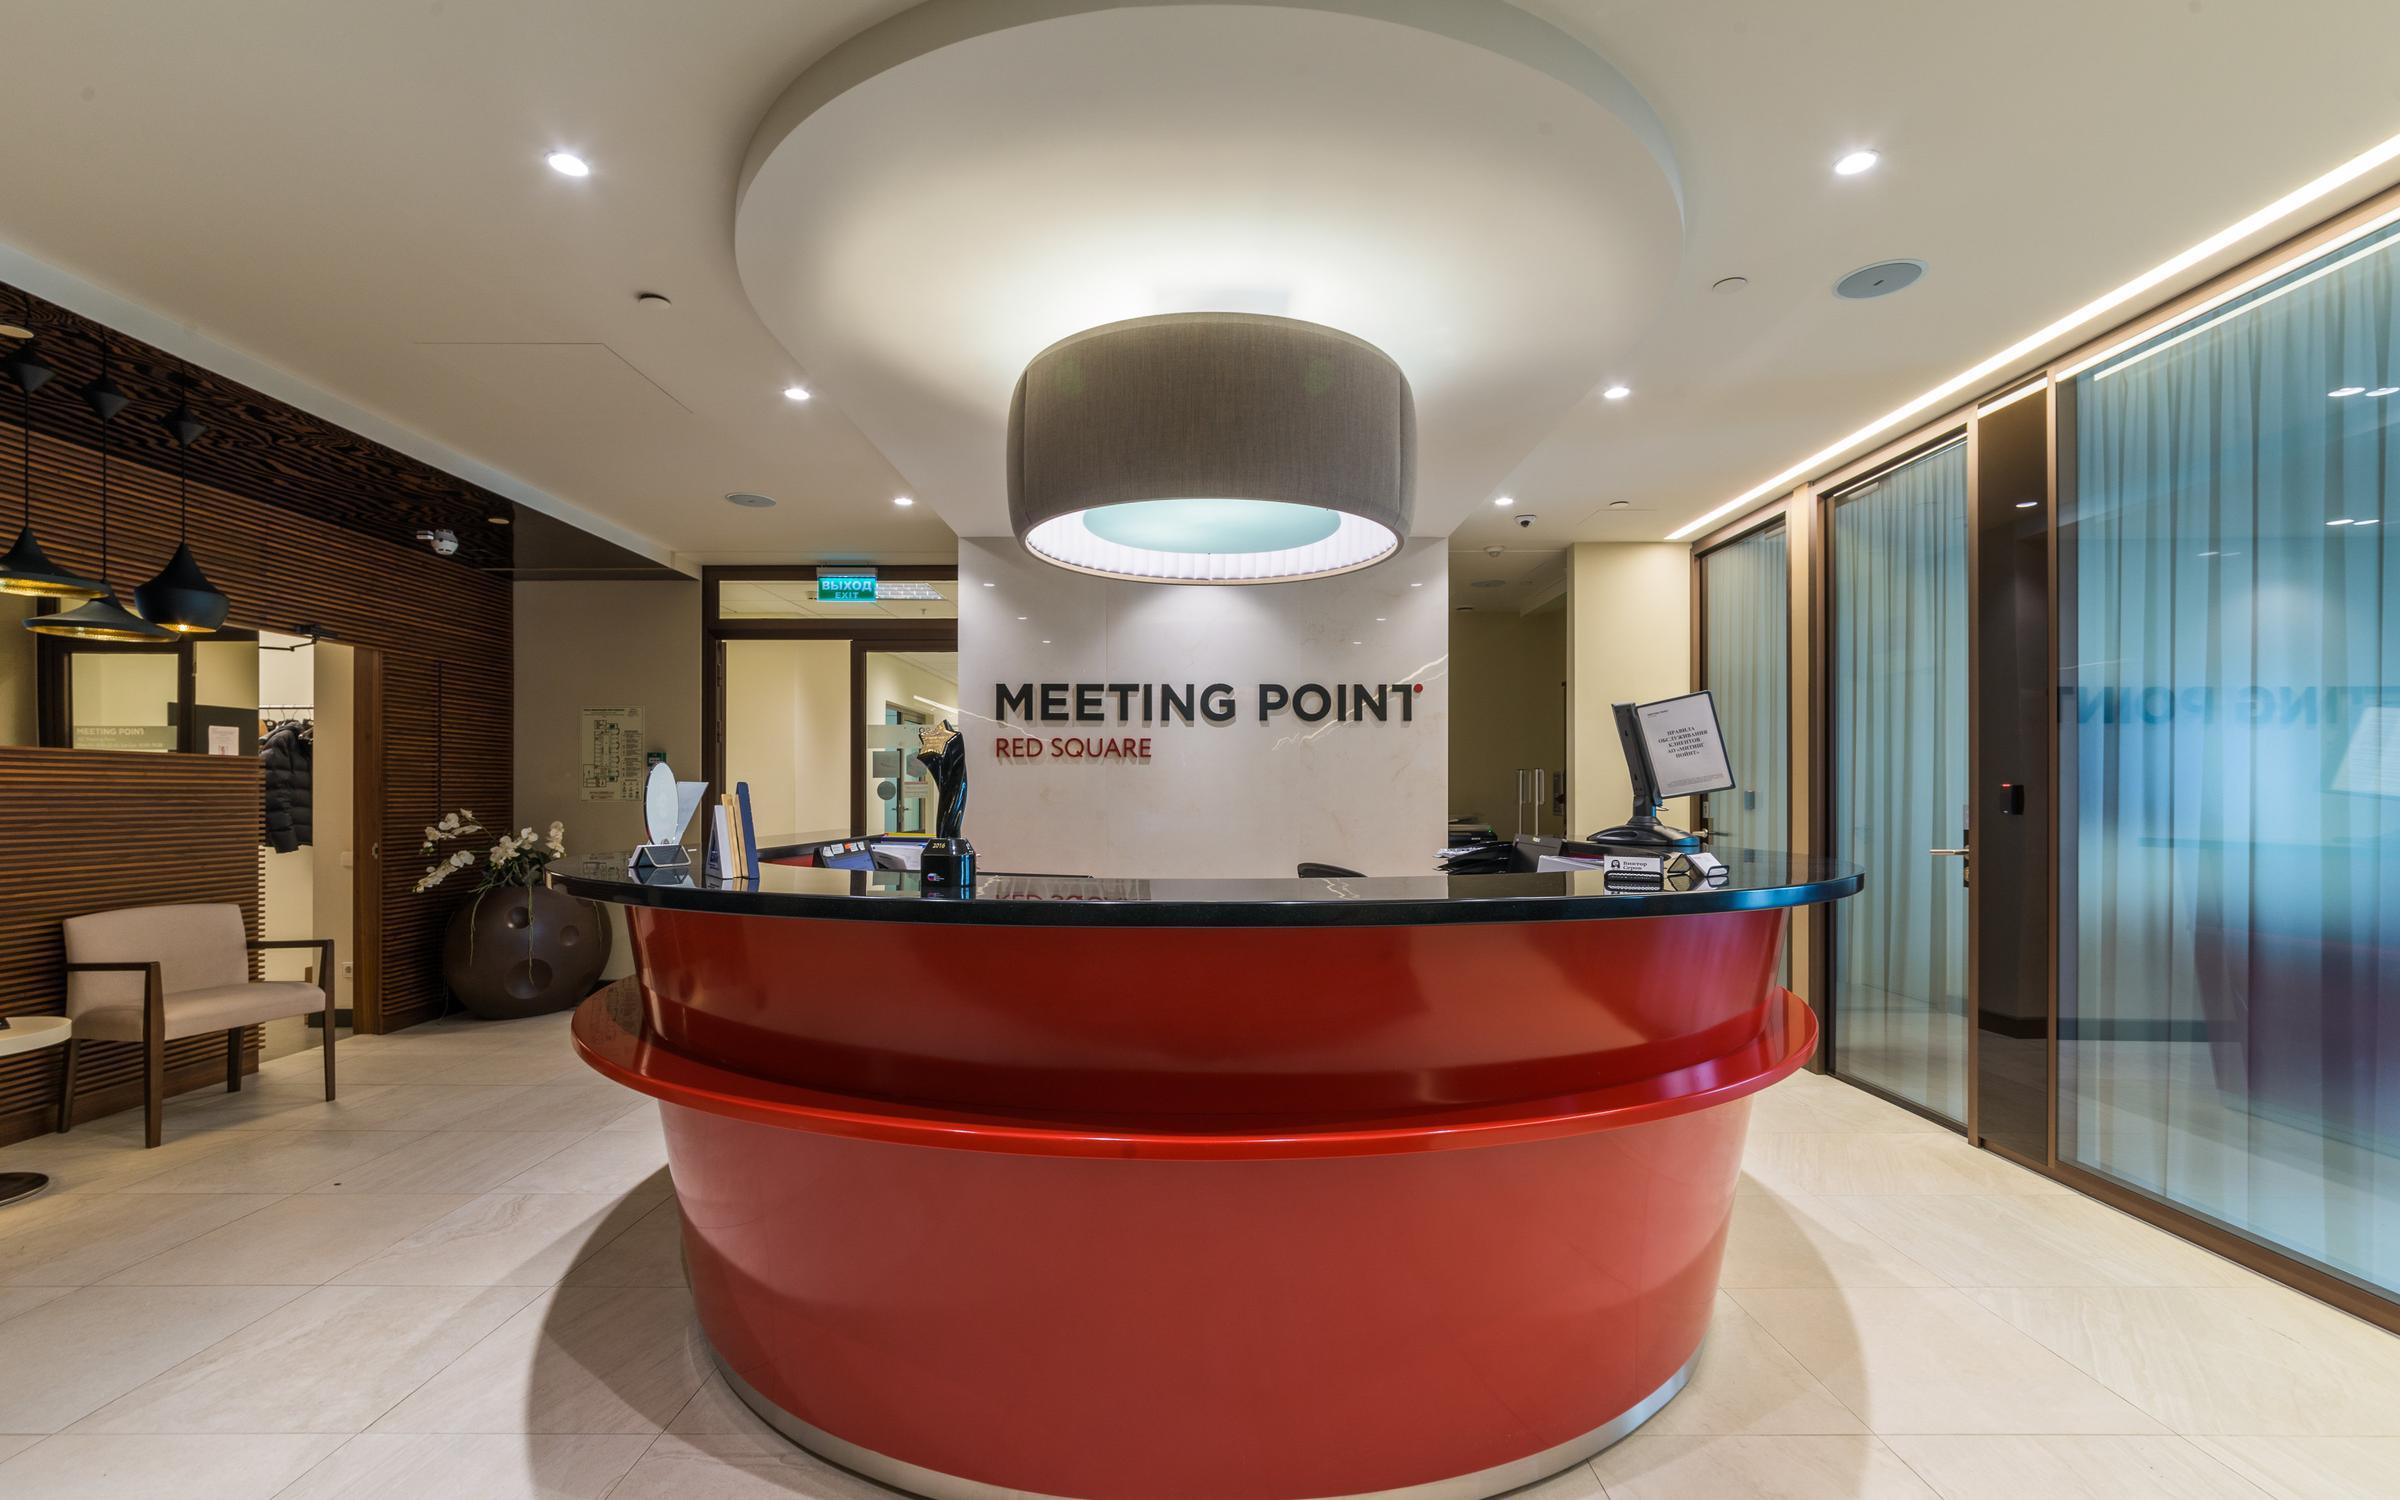 фотография Бизнес-пространства Meeting Point на улице Охотный Ряд